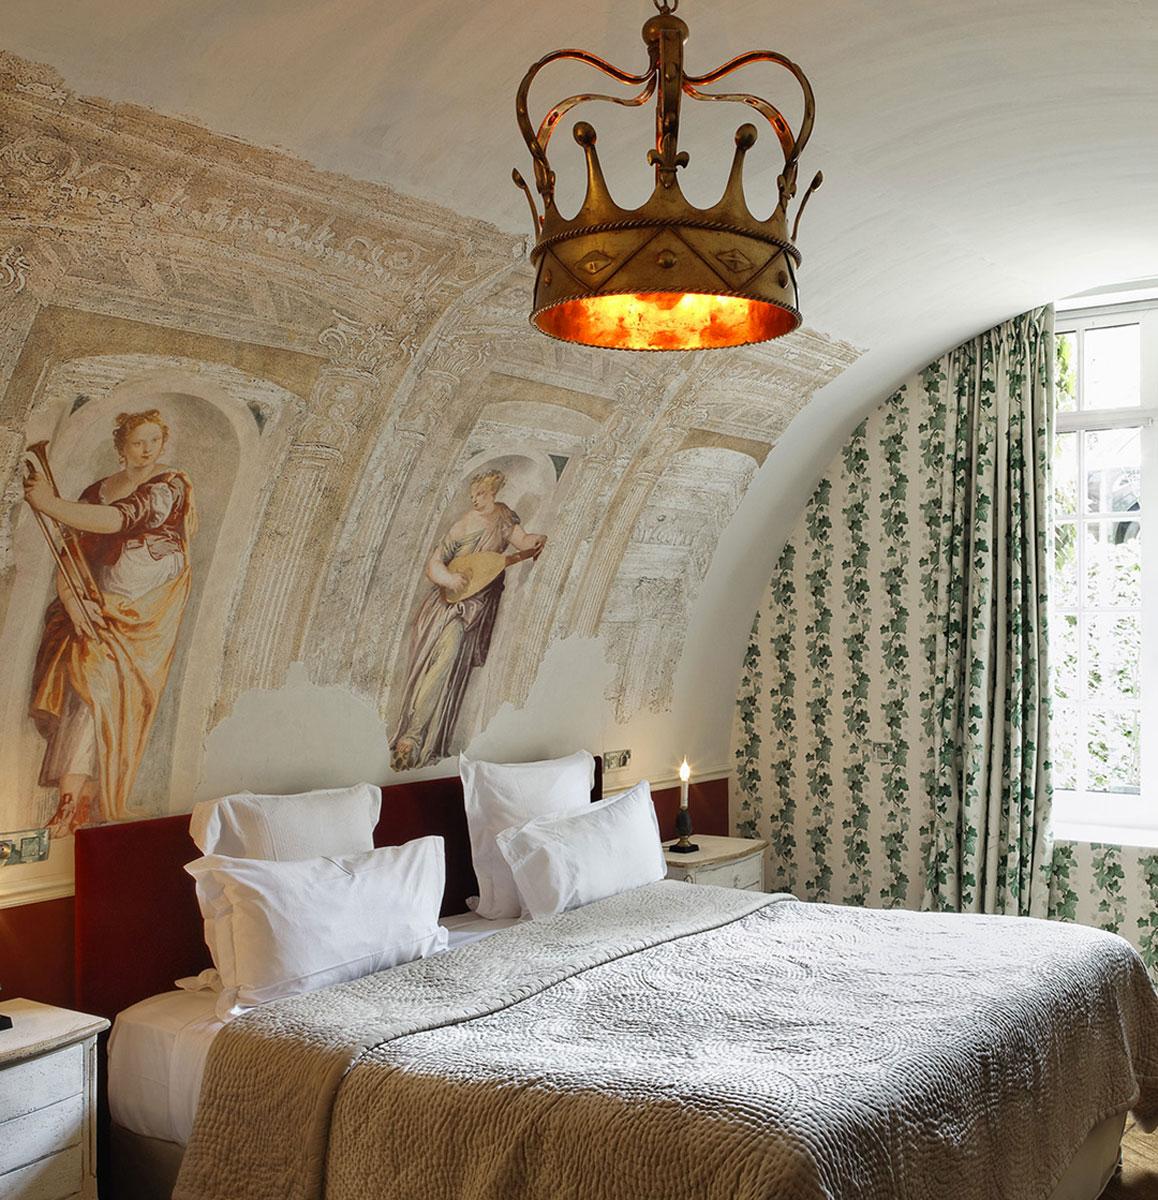 The_Ink_Collective_Inside_Ink_Pret_a_Partir_Stay_Paris_Hotel_saint-james-paris_4.jpg